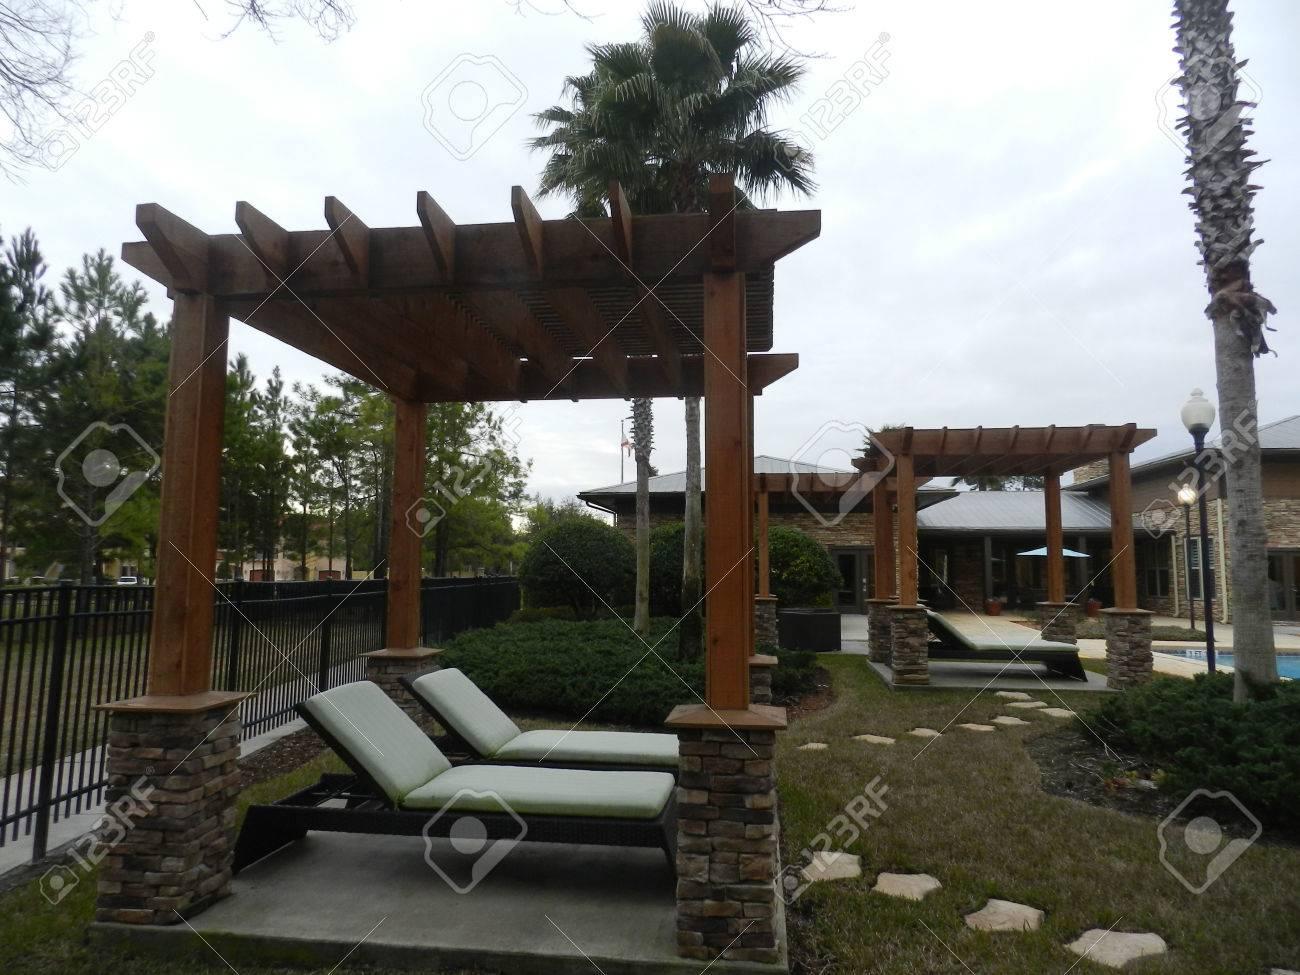 Jardin en terrasse dans un environnement de style méditerranéen - de style  copropriété en Floride